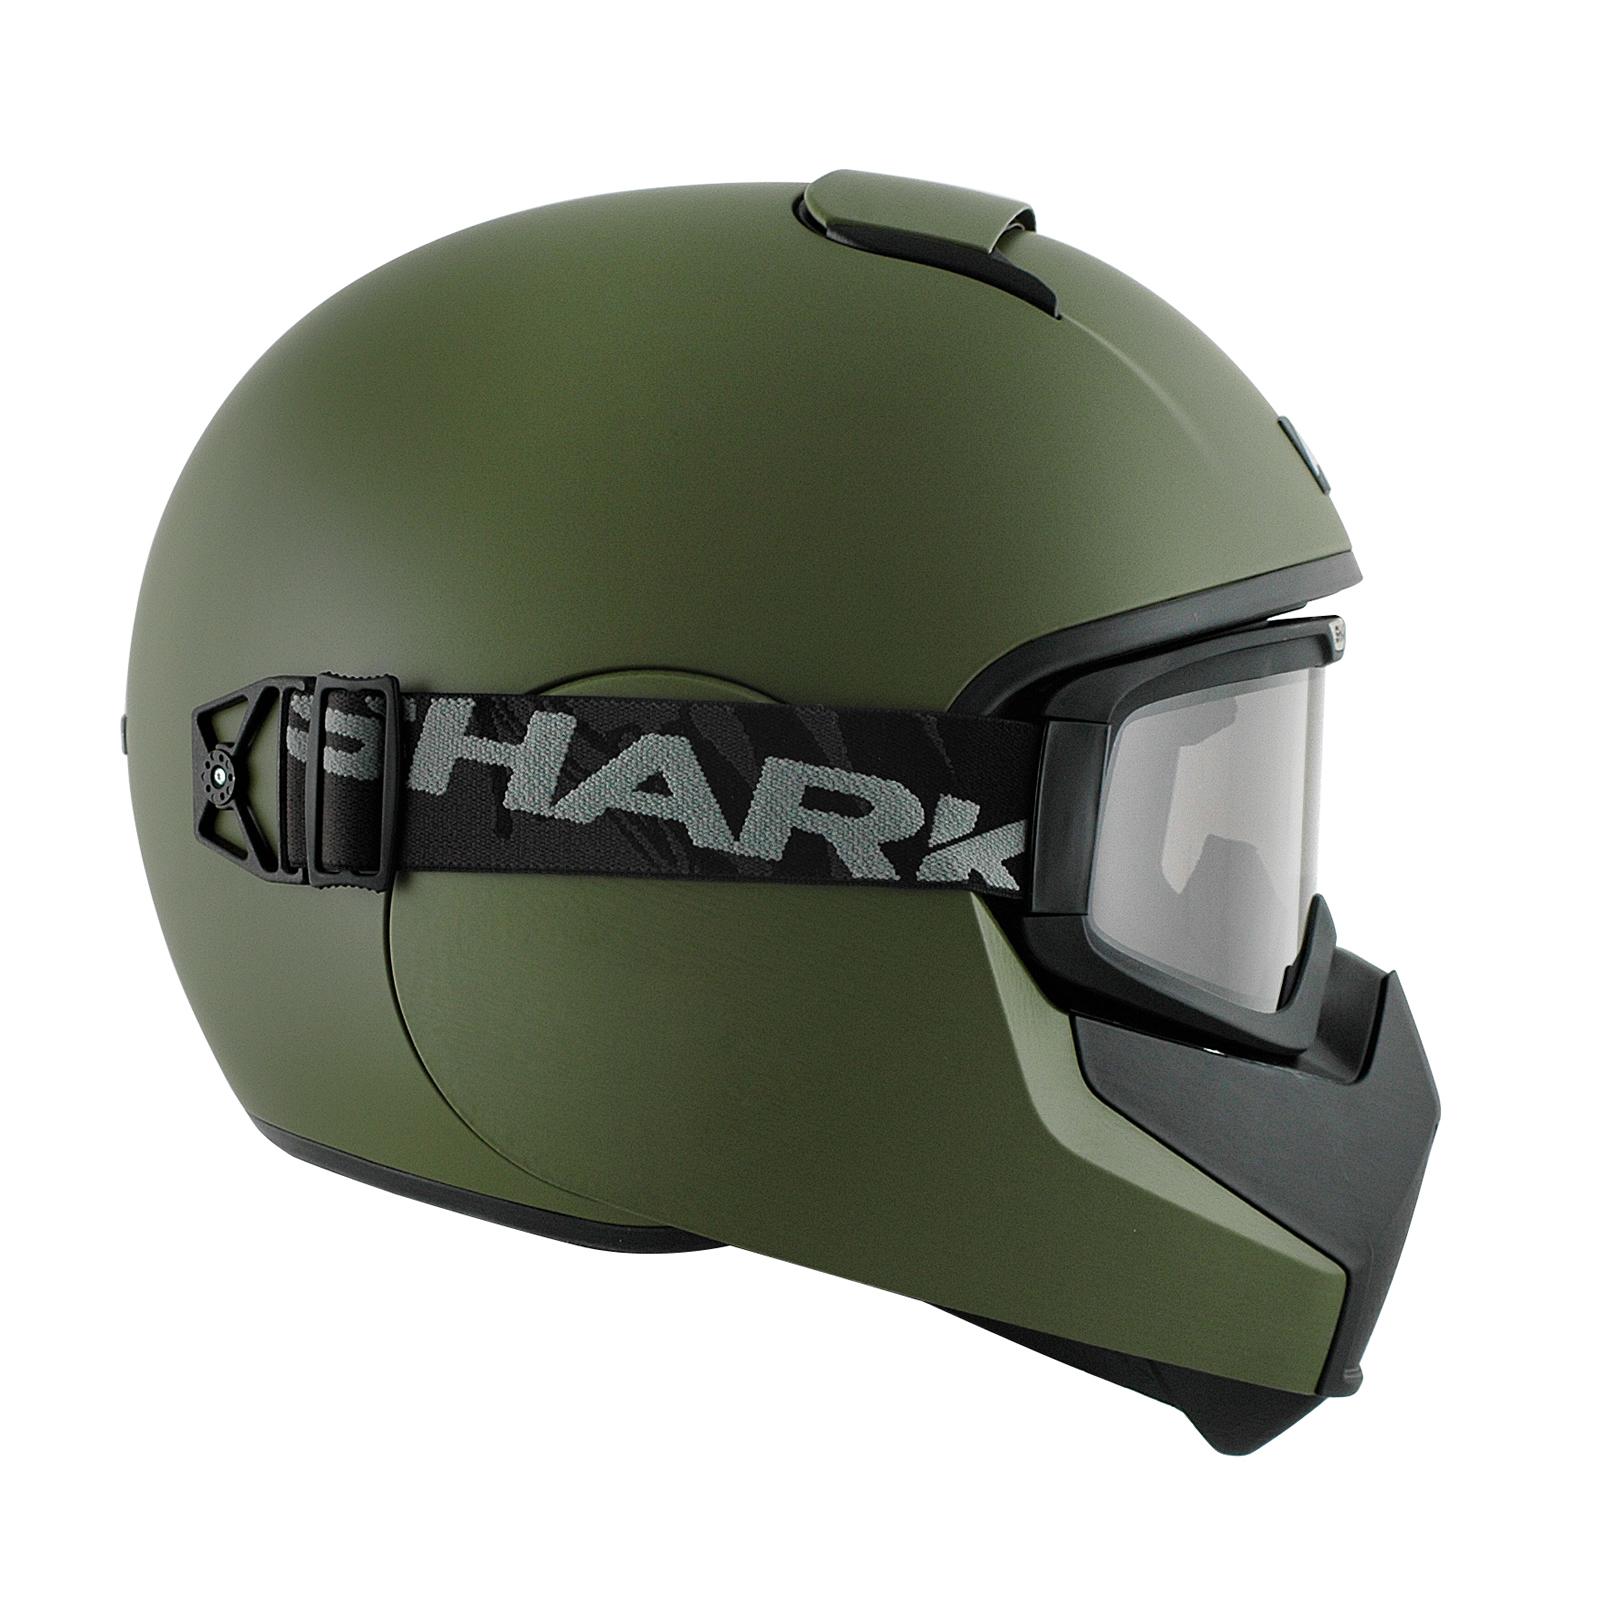 Streetbike helmet